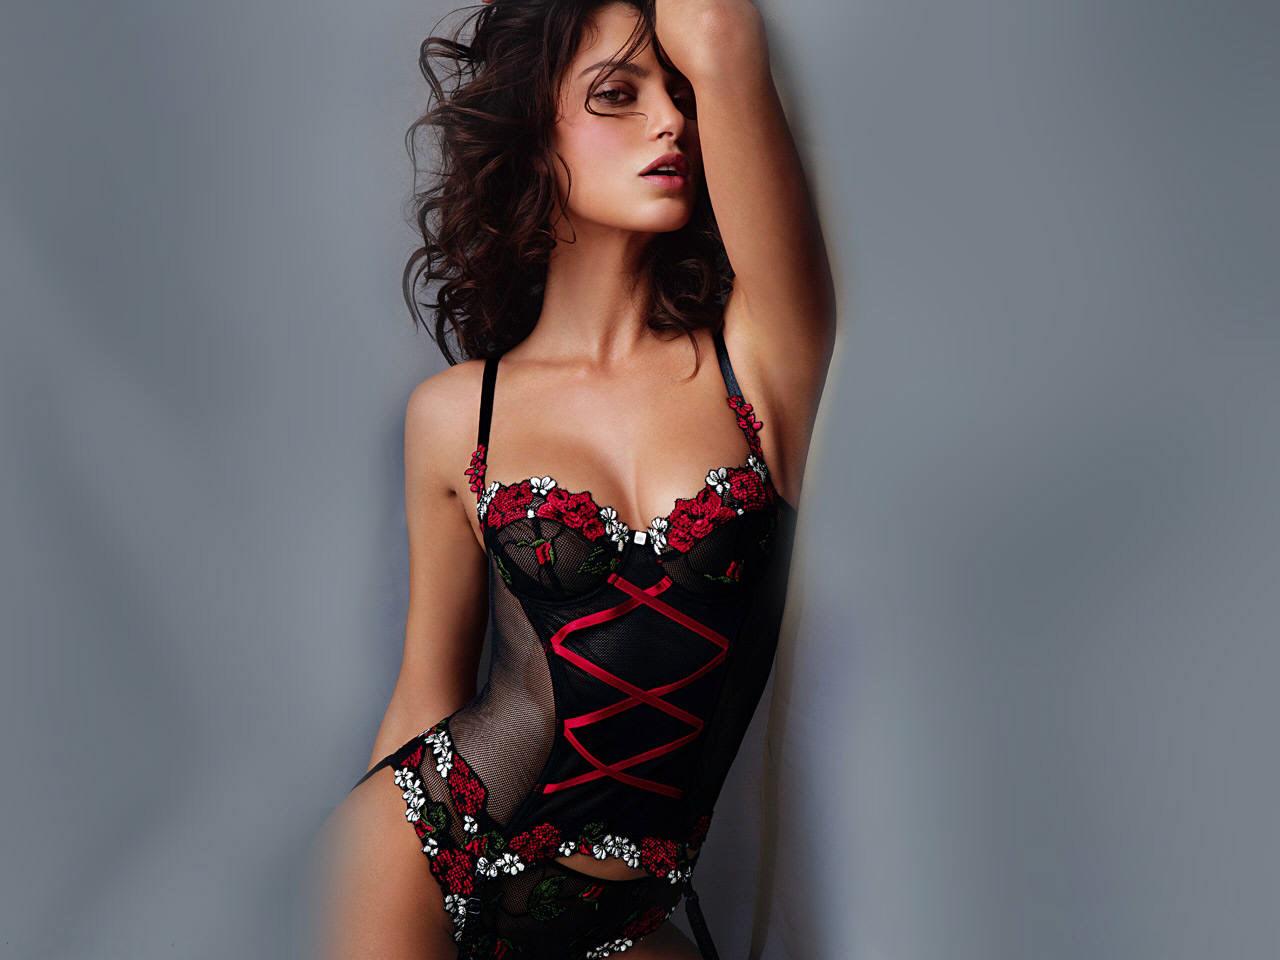 http://3.bp.blogspot.com/-QAJVopKgLcU/TZXwmT72hvI/AAAAAAAAICk/5WfHYBuc_kw/s1600/best-top-girls-hot-babes-wallpaper-sexy-babes-wallpapers-hd-sandra-lucy-pinder-hot-boobs-sexy-hot-under-garments-sexy-red-black-white-skin-color-bra-nude-ass-body-wallpapers-pakistani-sexy-bra-2.jpg